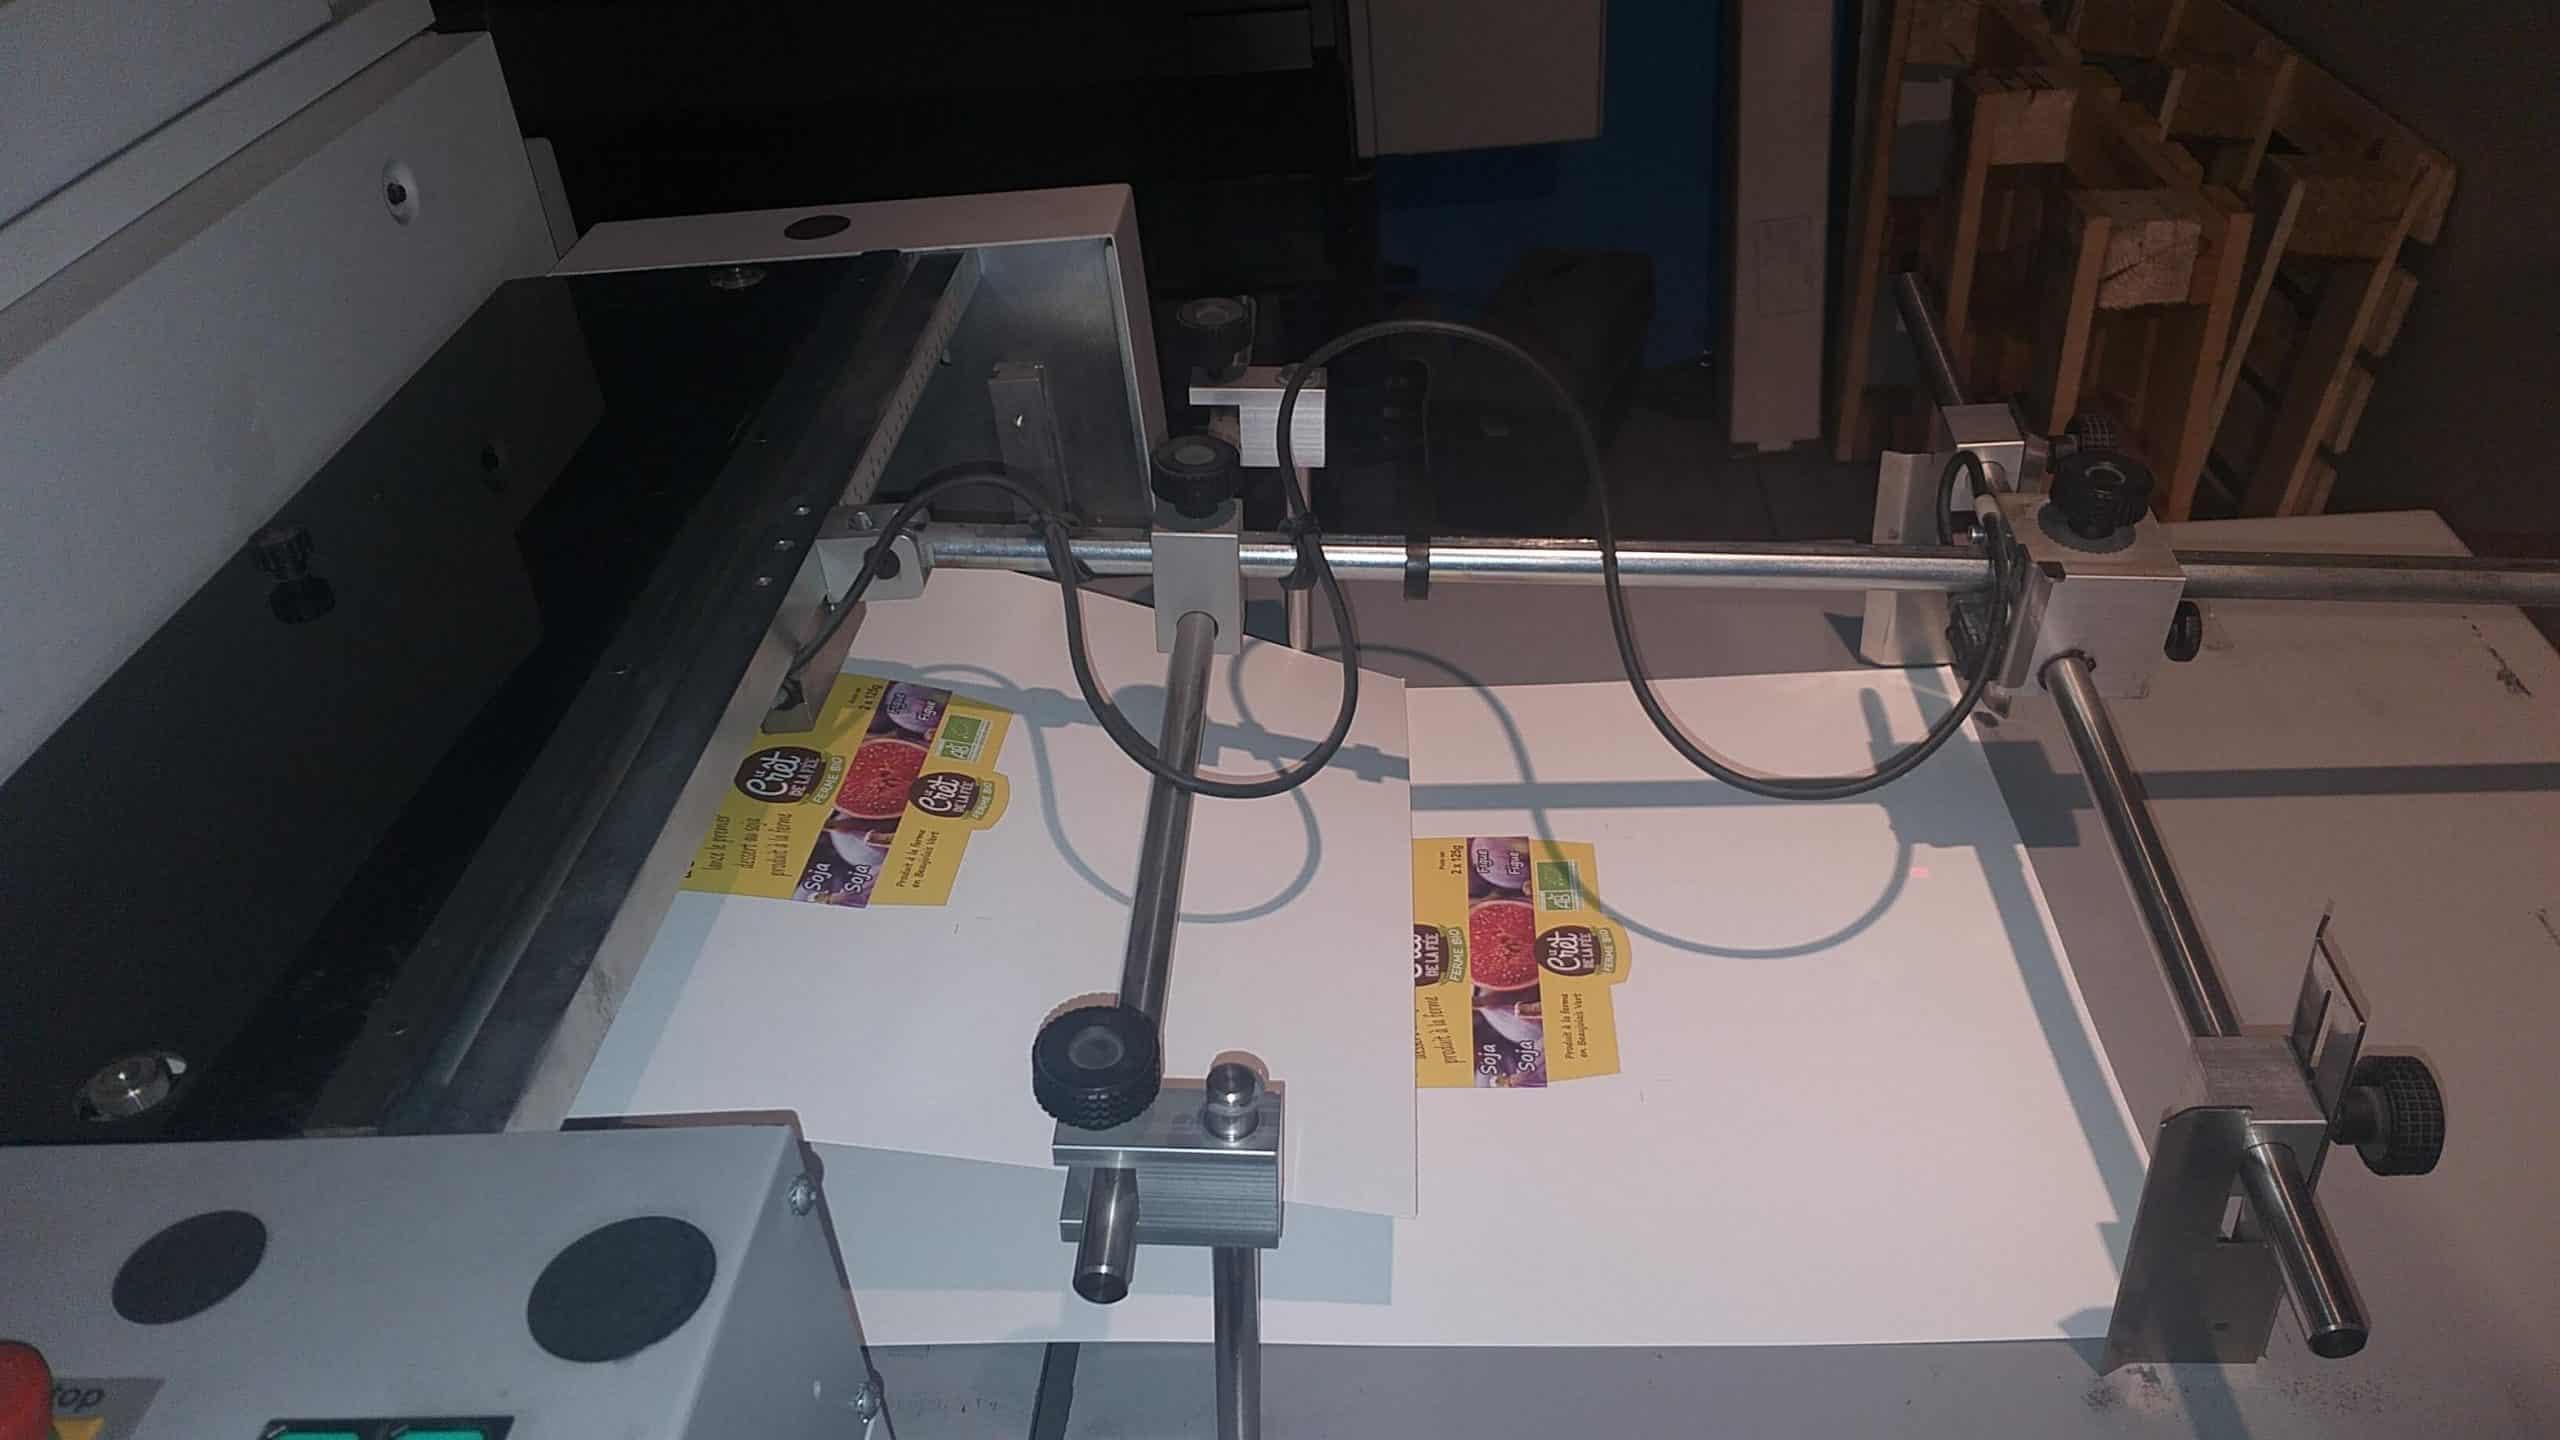 Photo d'une sortie d'imprimante numérique durant l'étape 'impression numérique' pour Dailypack, fabricant d'emballage personnalisé